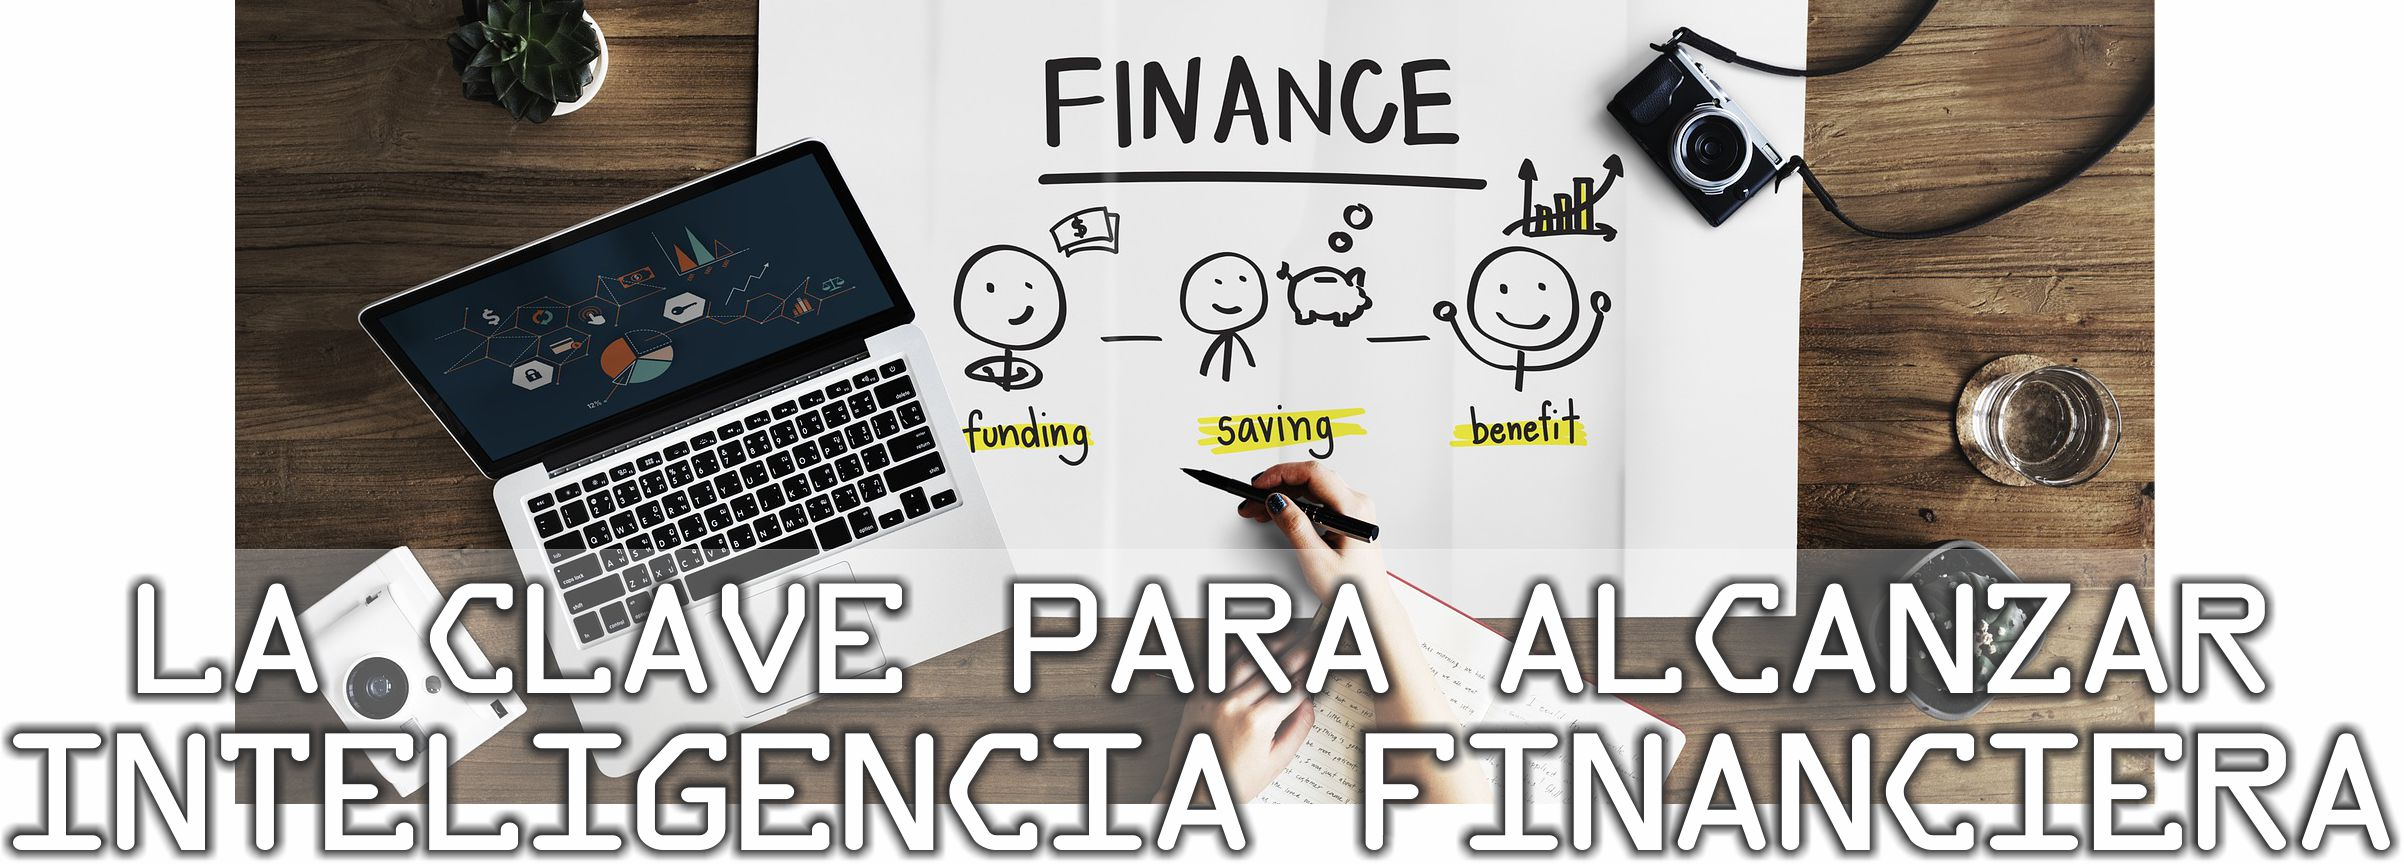 la clave para alcanzar inteligencia financiera